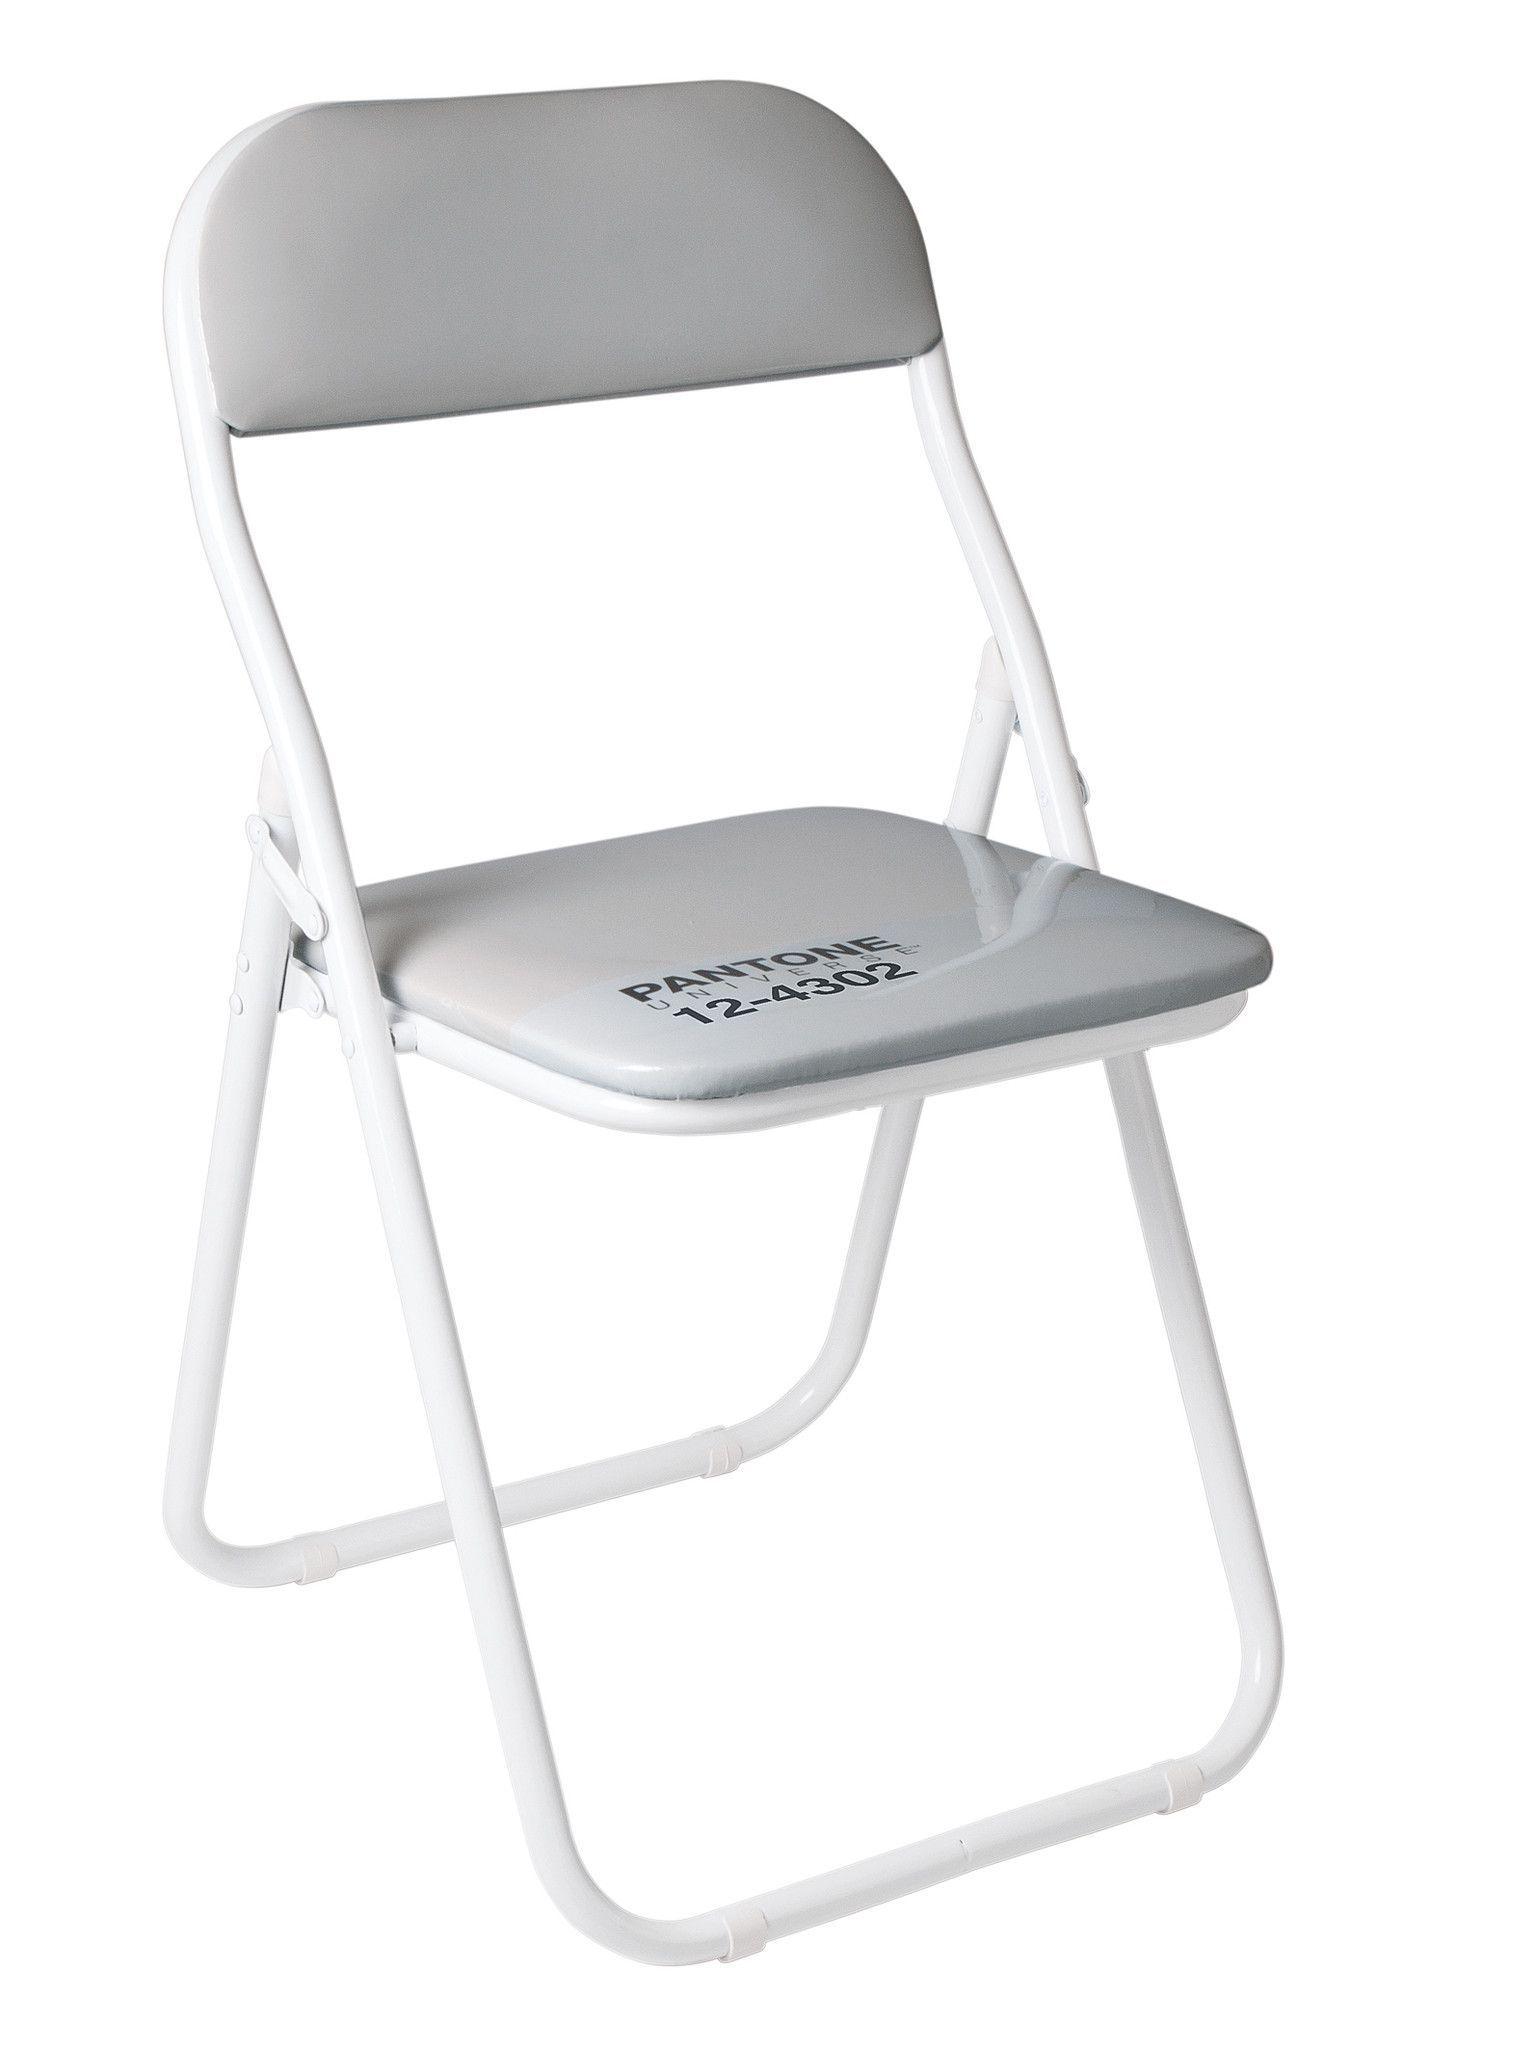 12 Metal Folding of 4302 6by Pantone White ChairSet PkZOTXiu